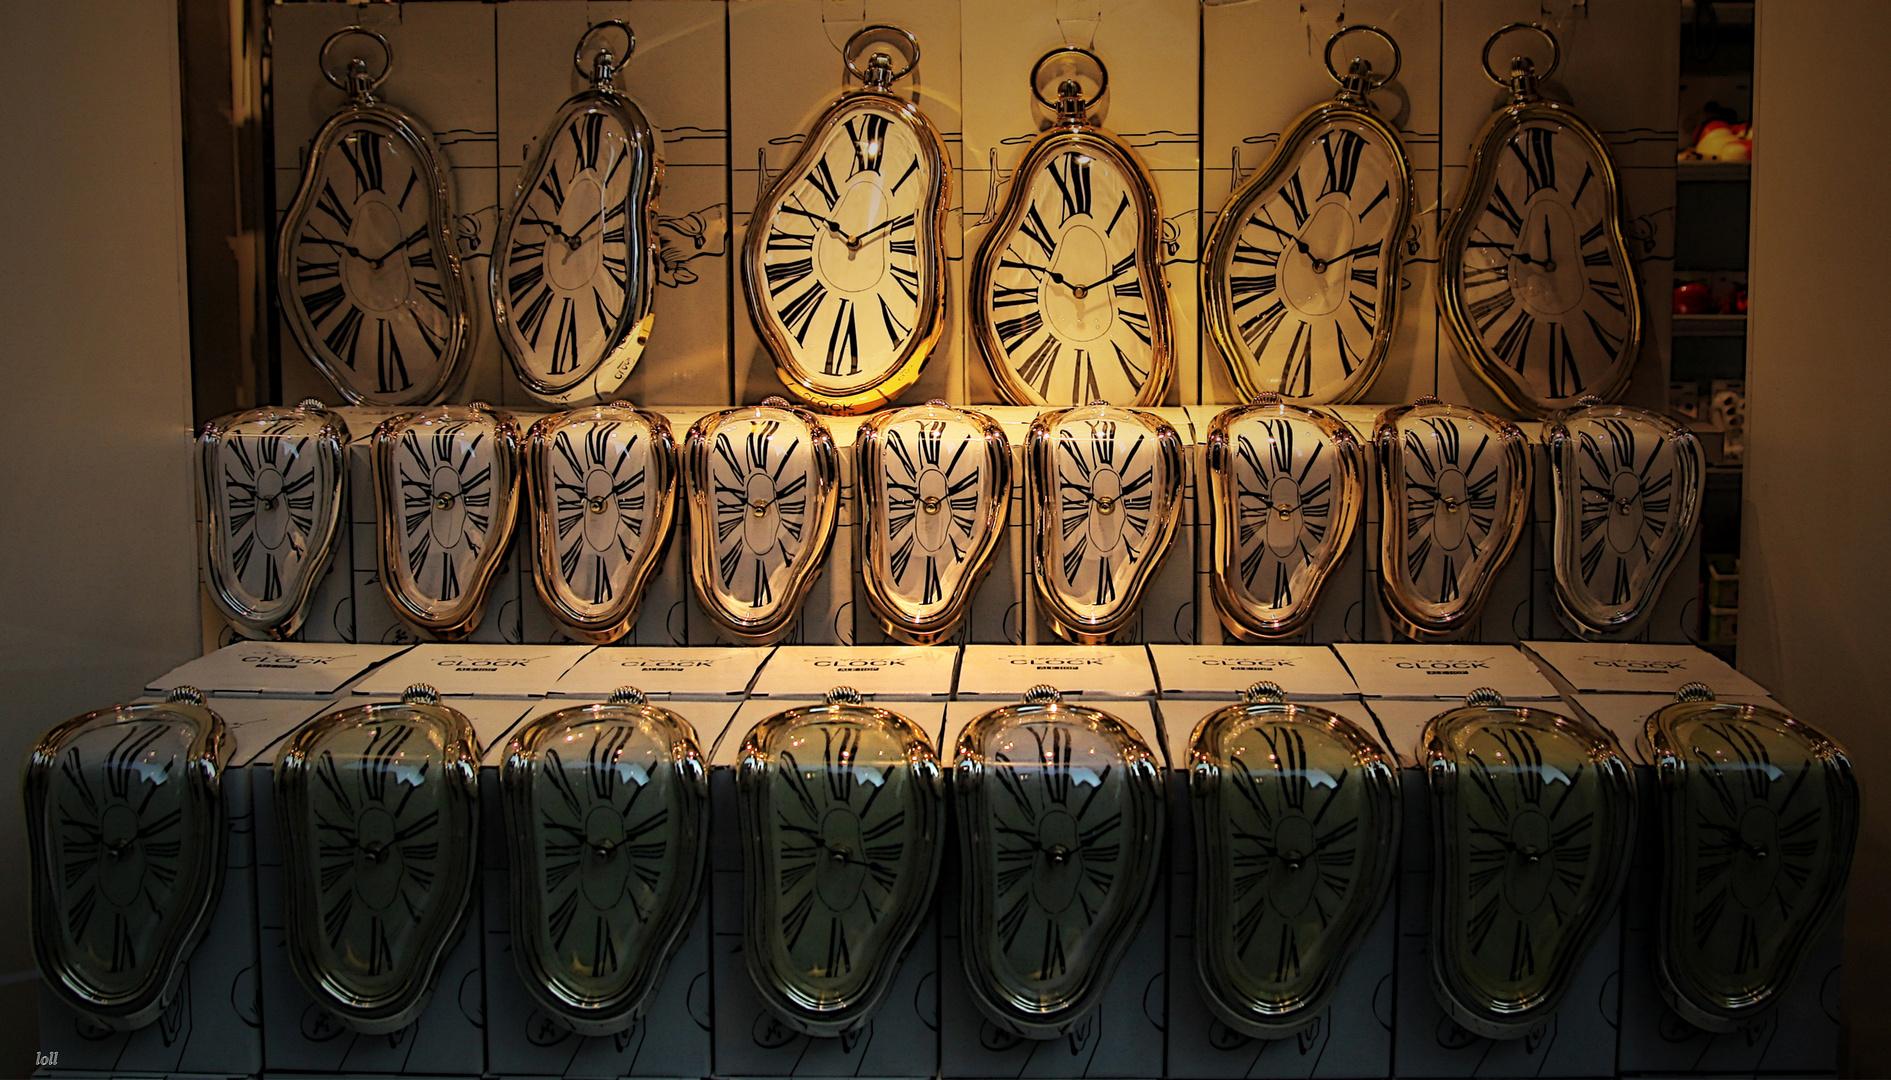 ...esclavos del...tiempo...